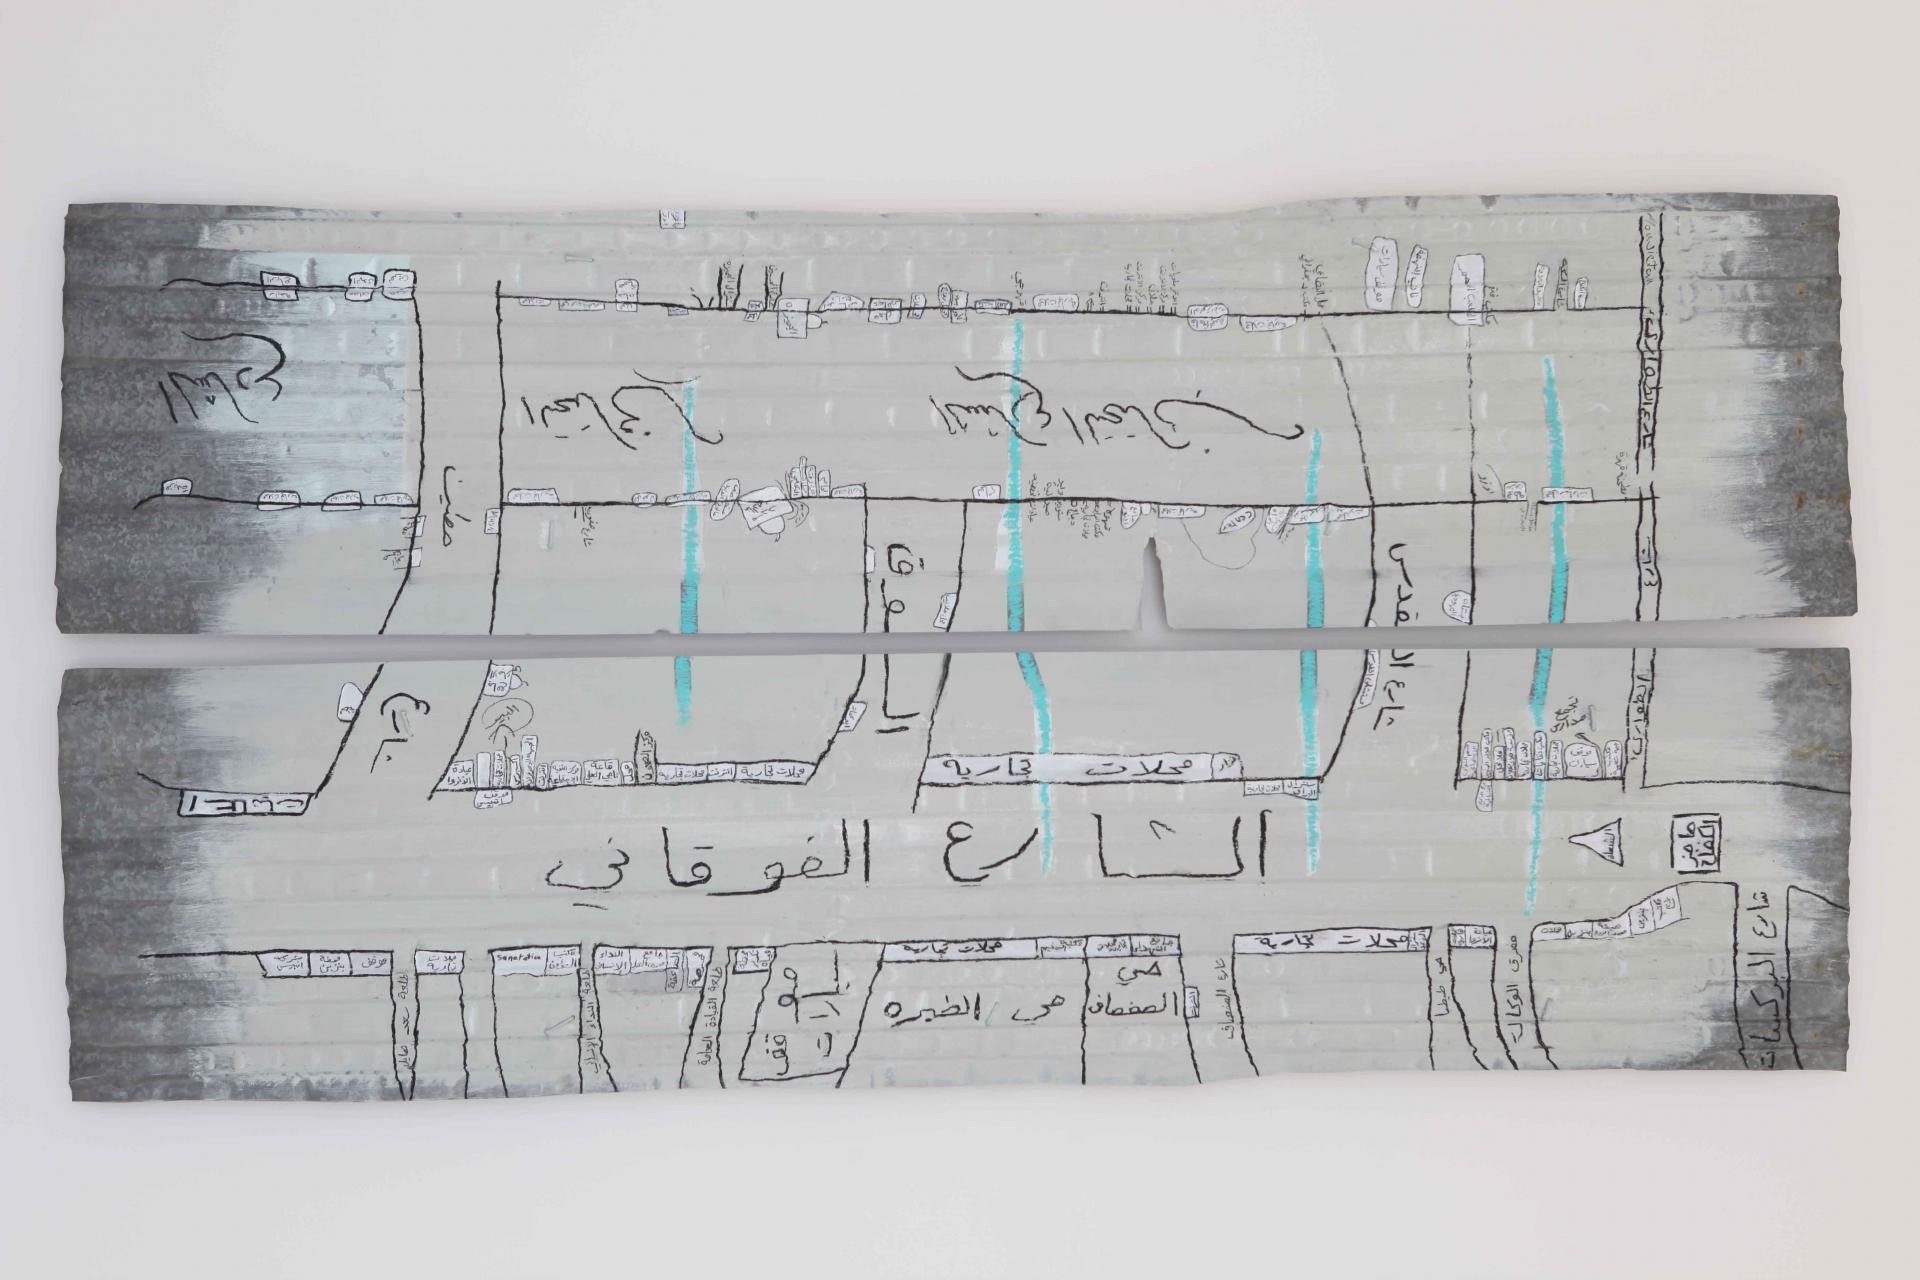 Ain El Hilwe #1, 2011, Diptych: Oil pastel, enamel on corrugated tin, 200 x 48 cm each